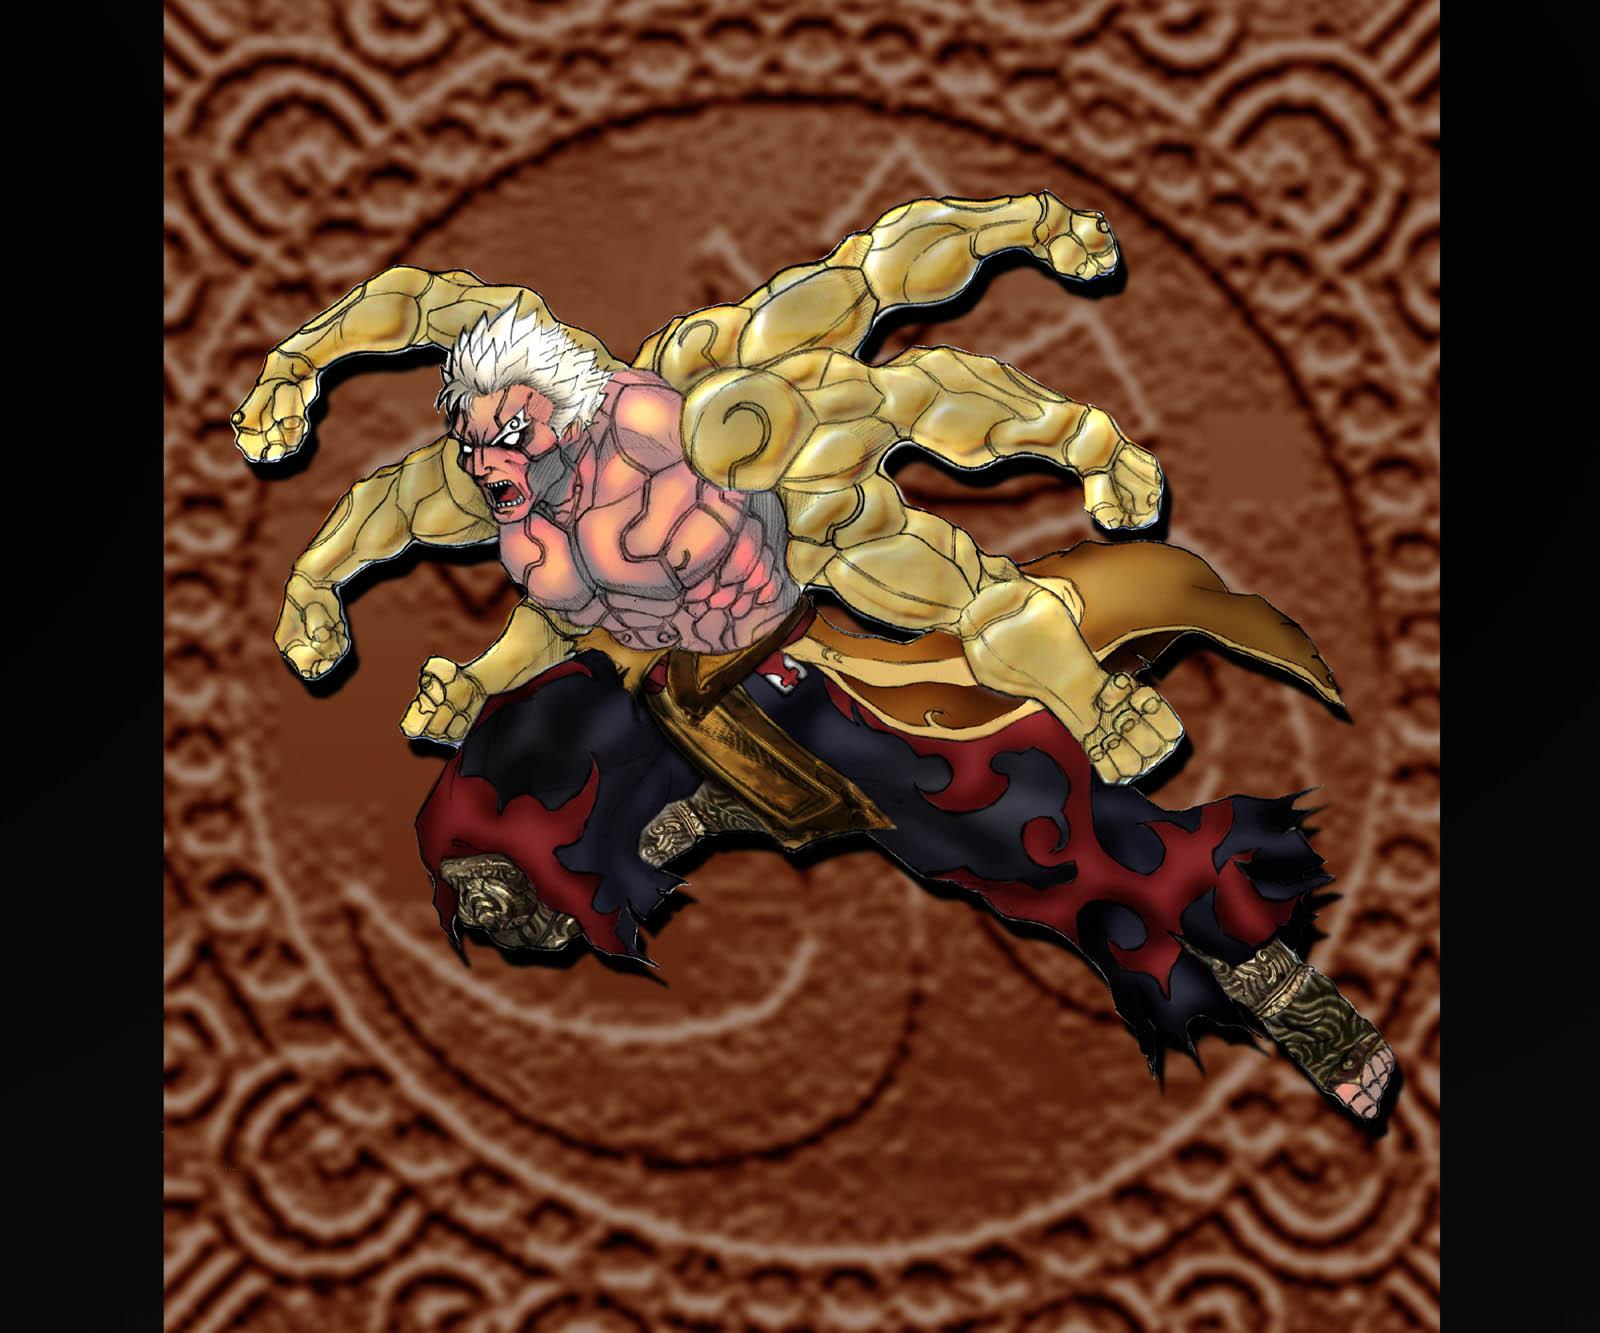 Asura from Asura's Wrath